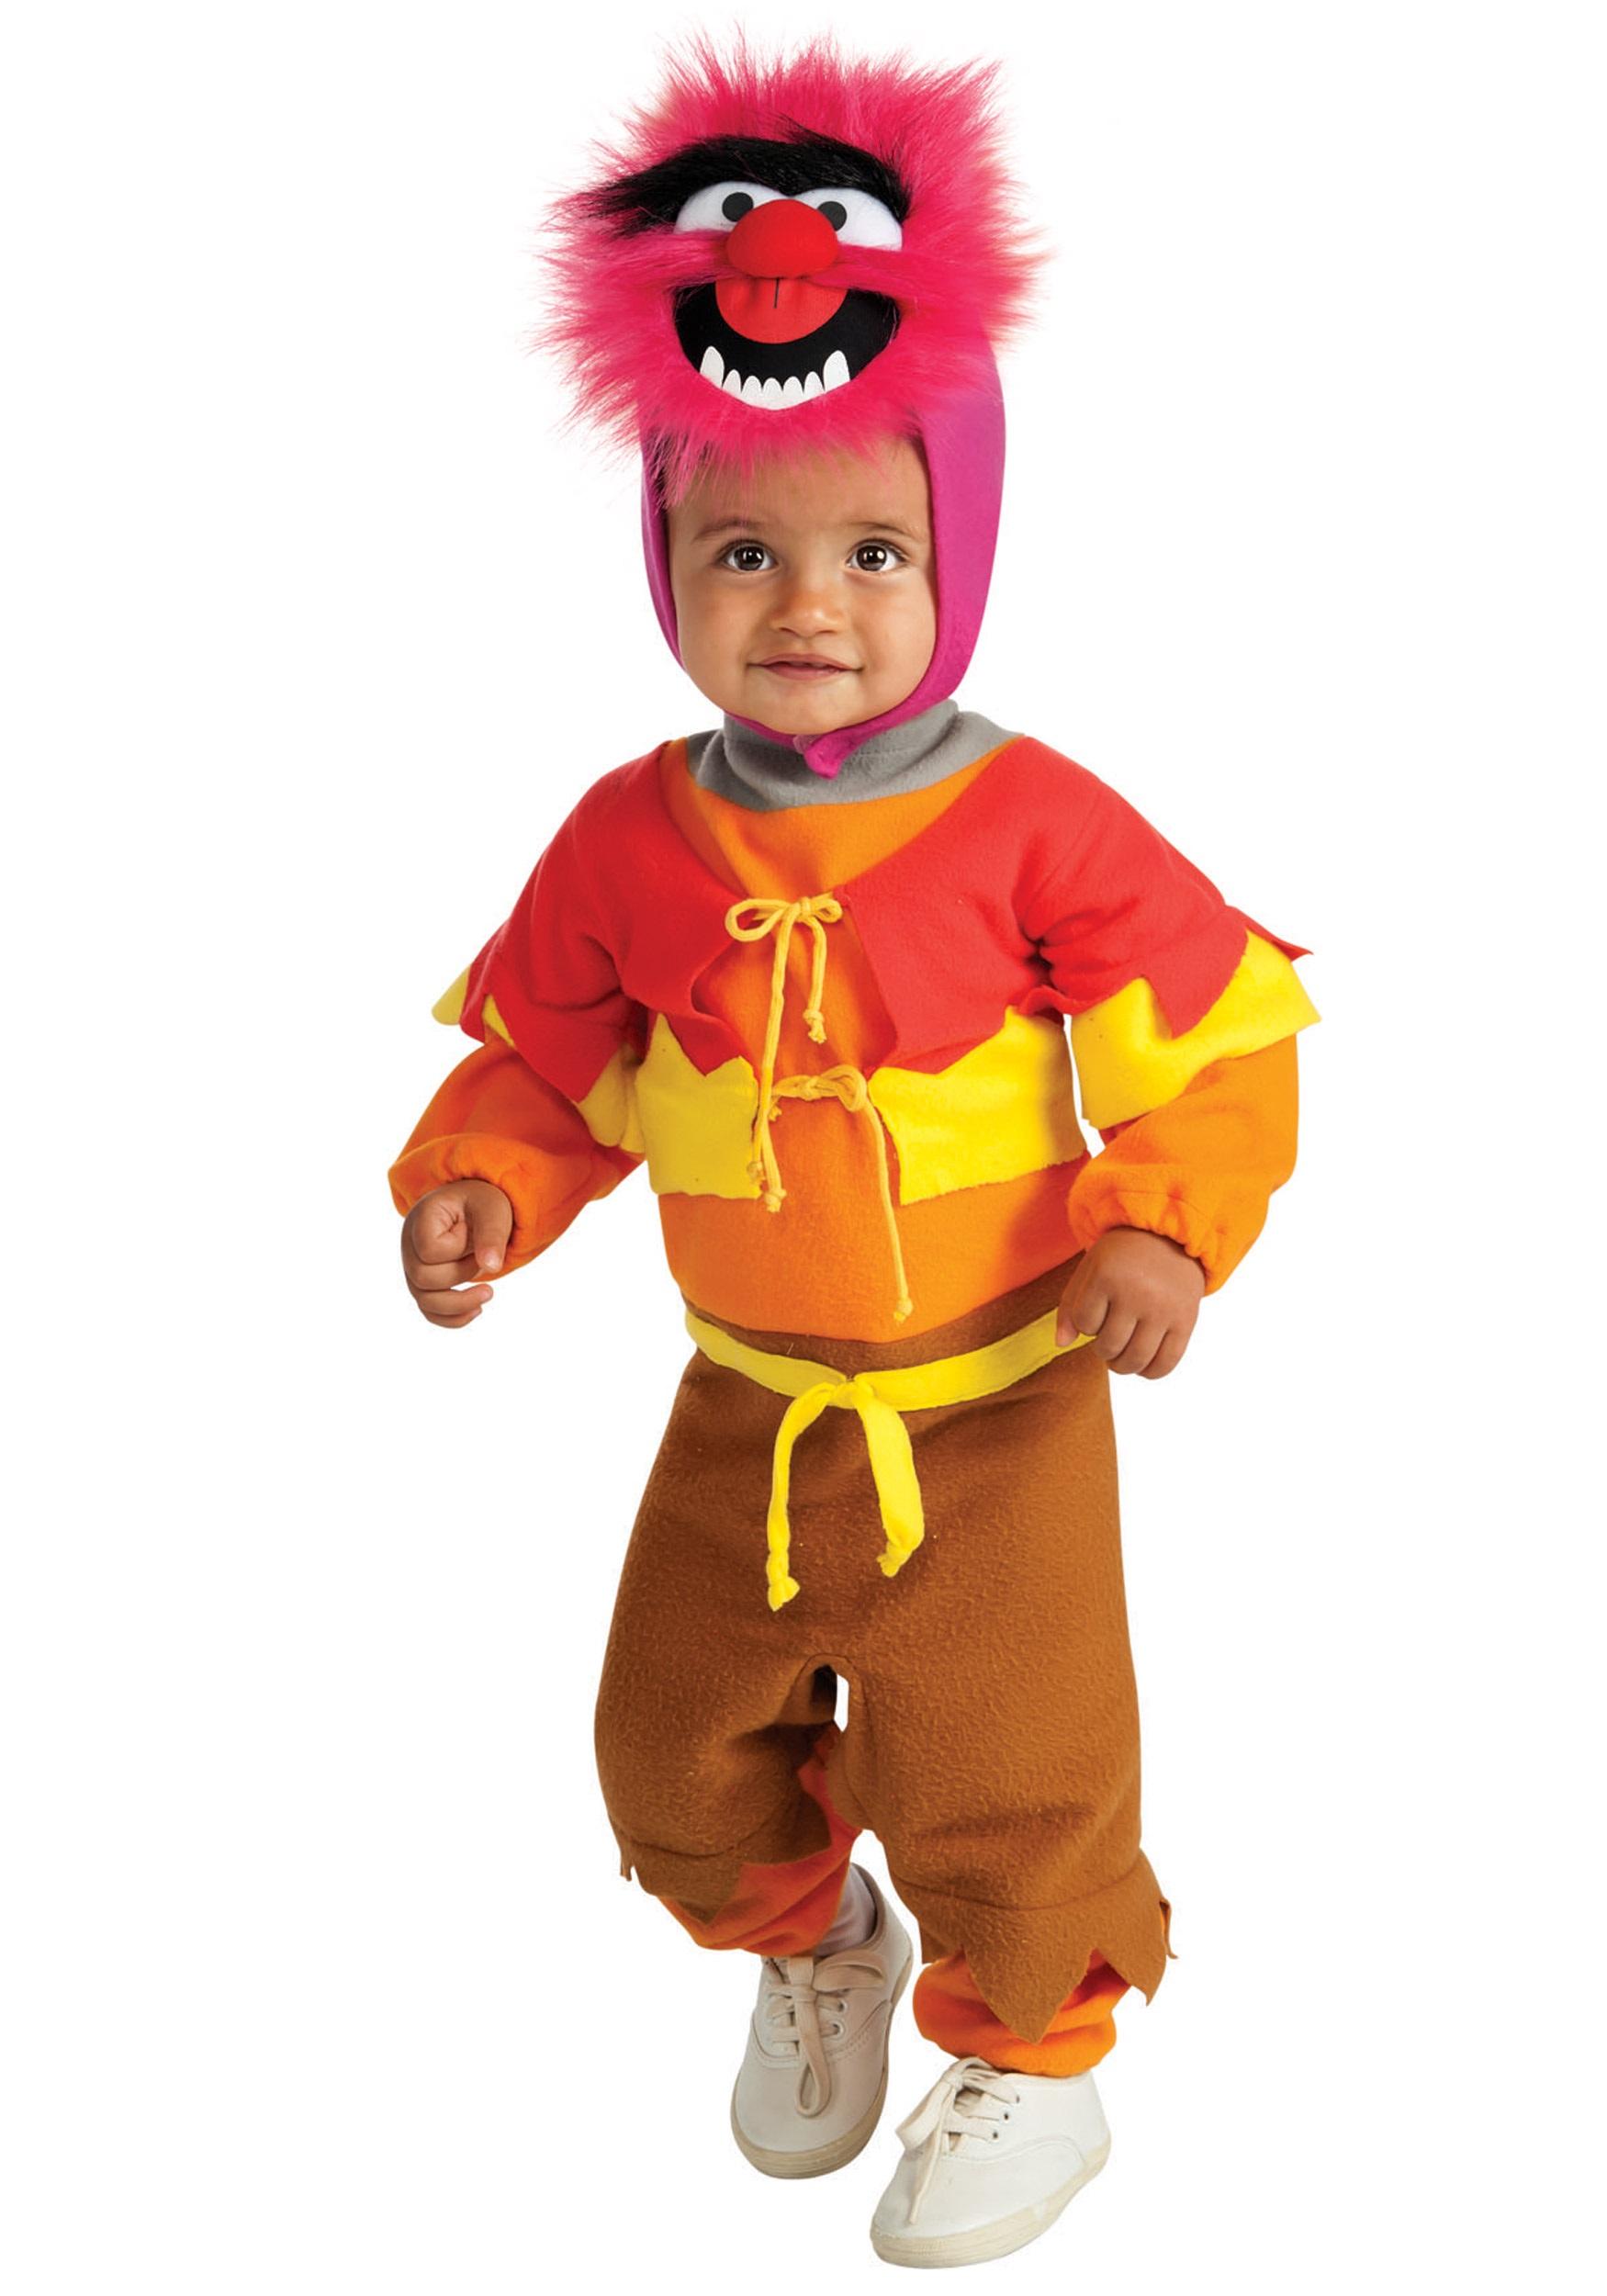 Infant / Toddler Animal Costume  sc 1 st  Halloween Costumes & Infant / Toddler Animal Costume - Halloween Costumes